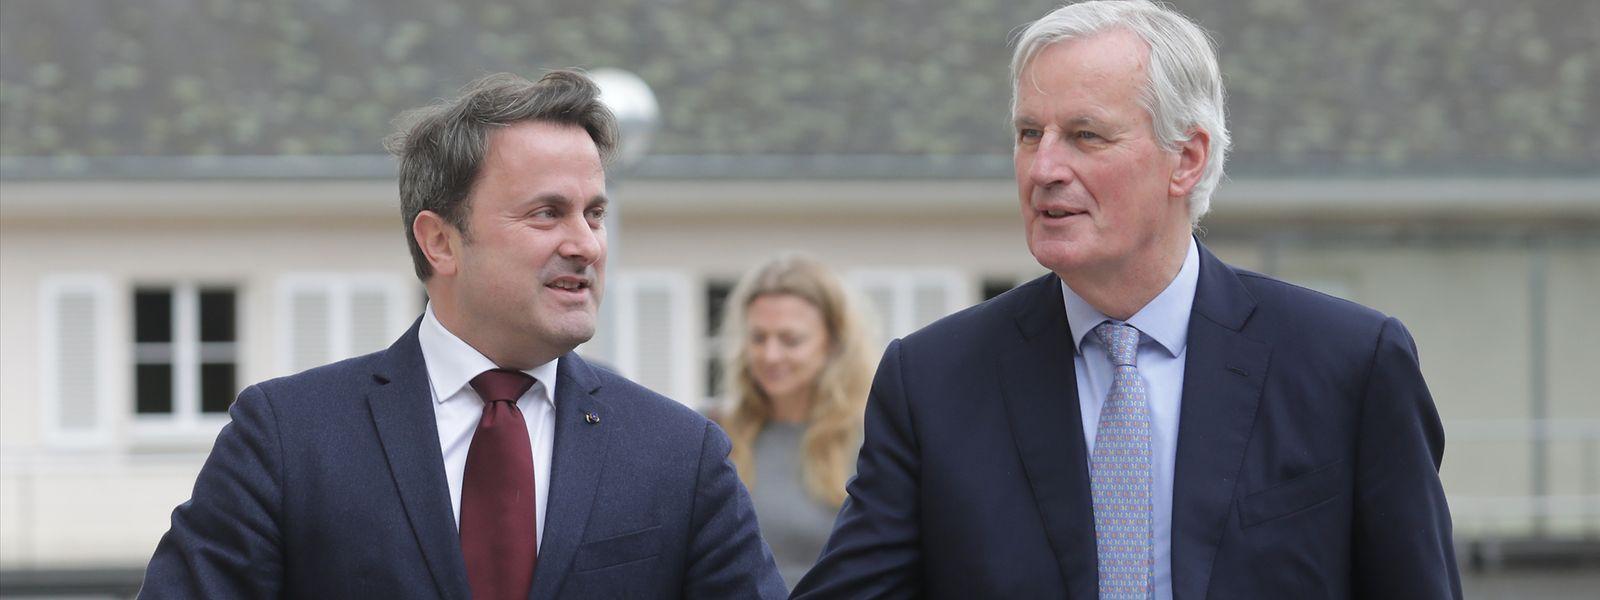 EU-Chefunterhändler Michel Barnier traf sich am Montag mit Premier Xavier Bettel auf Schloss Senningen zu Gesprächen über die künftigen Beziehungen zwischen der EU und Großbritannien.